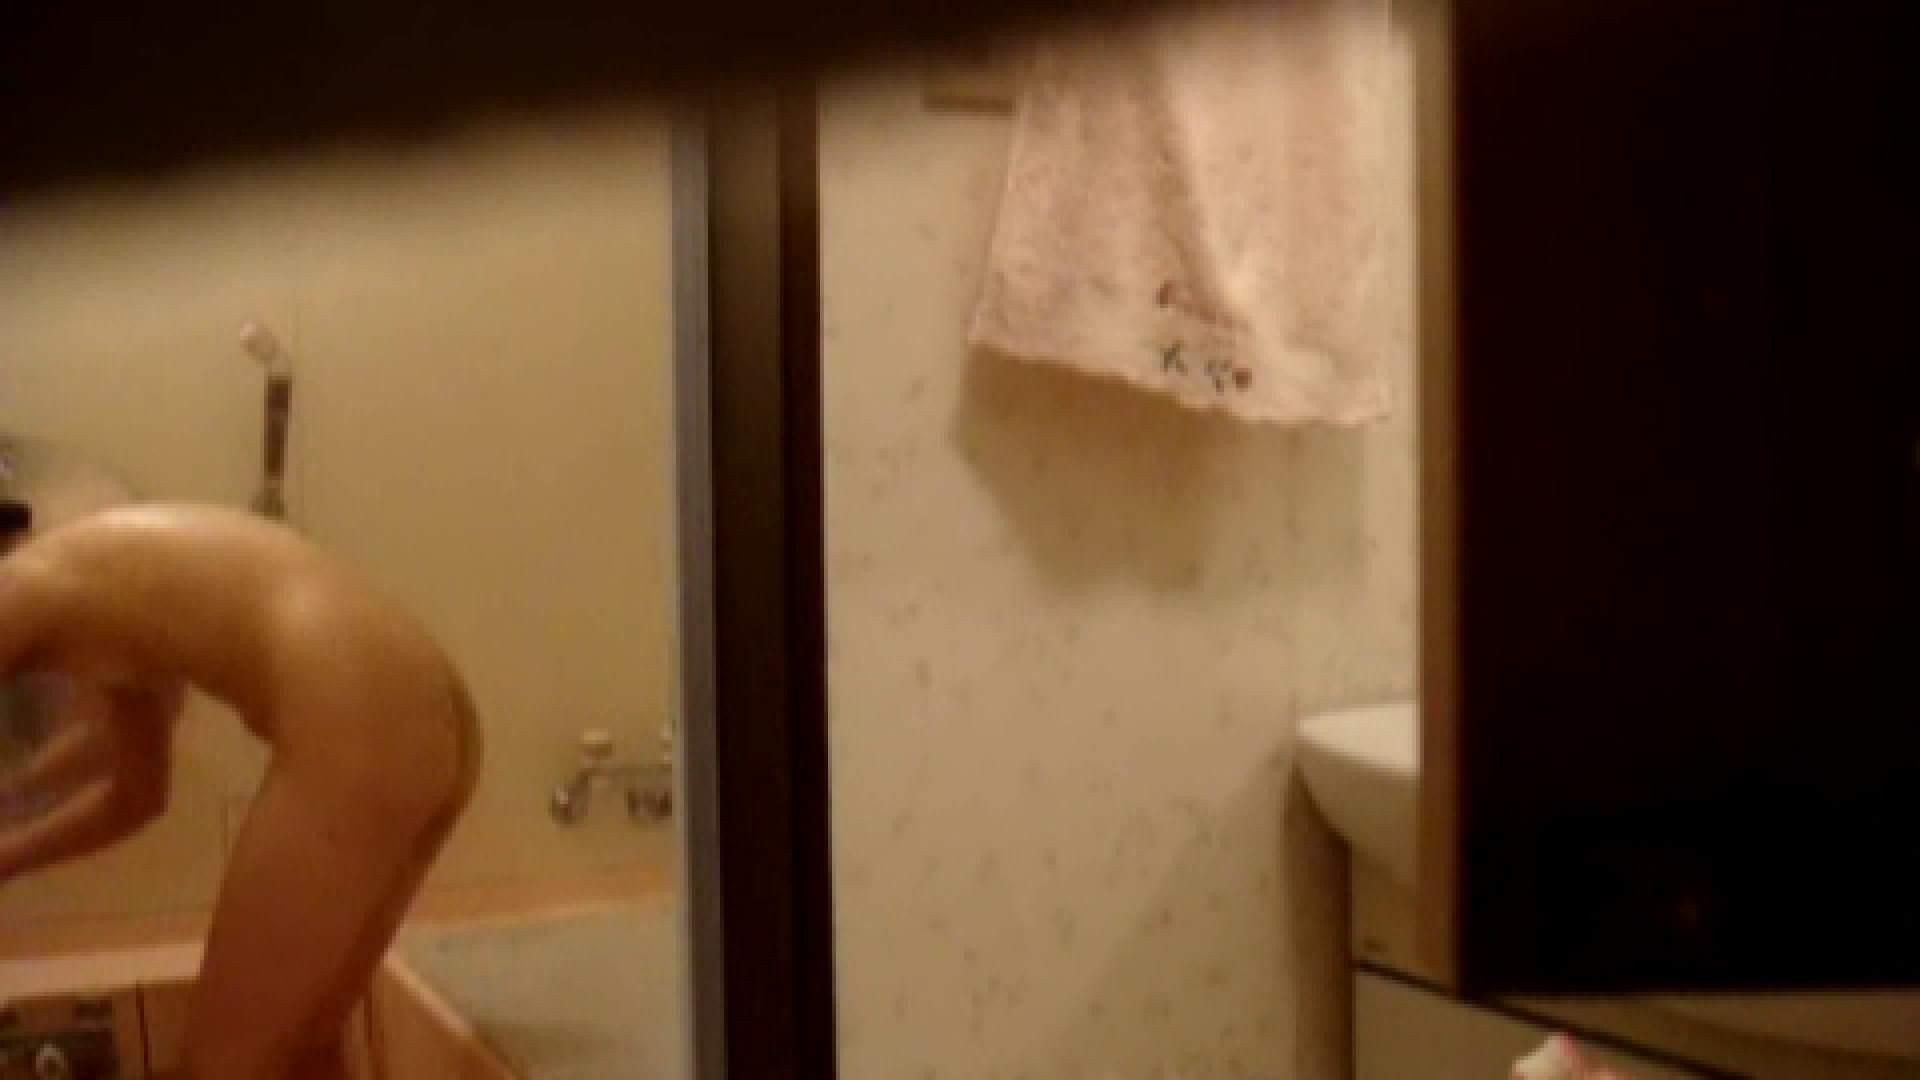 二人とも育てた甲斐がありました… vol.08 まどかの入浴中にカメラに気付いたか!? OLのエロ生活   ギャル入浴  71連発 11